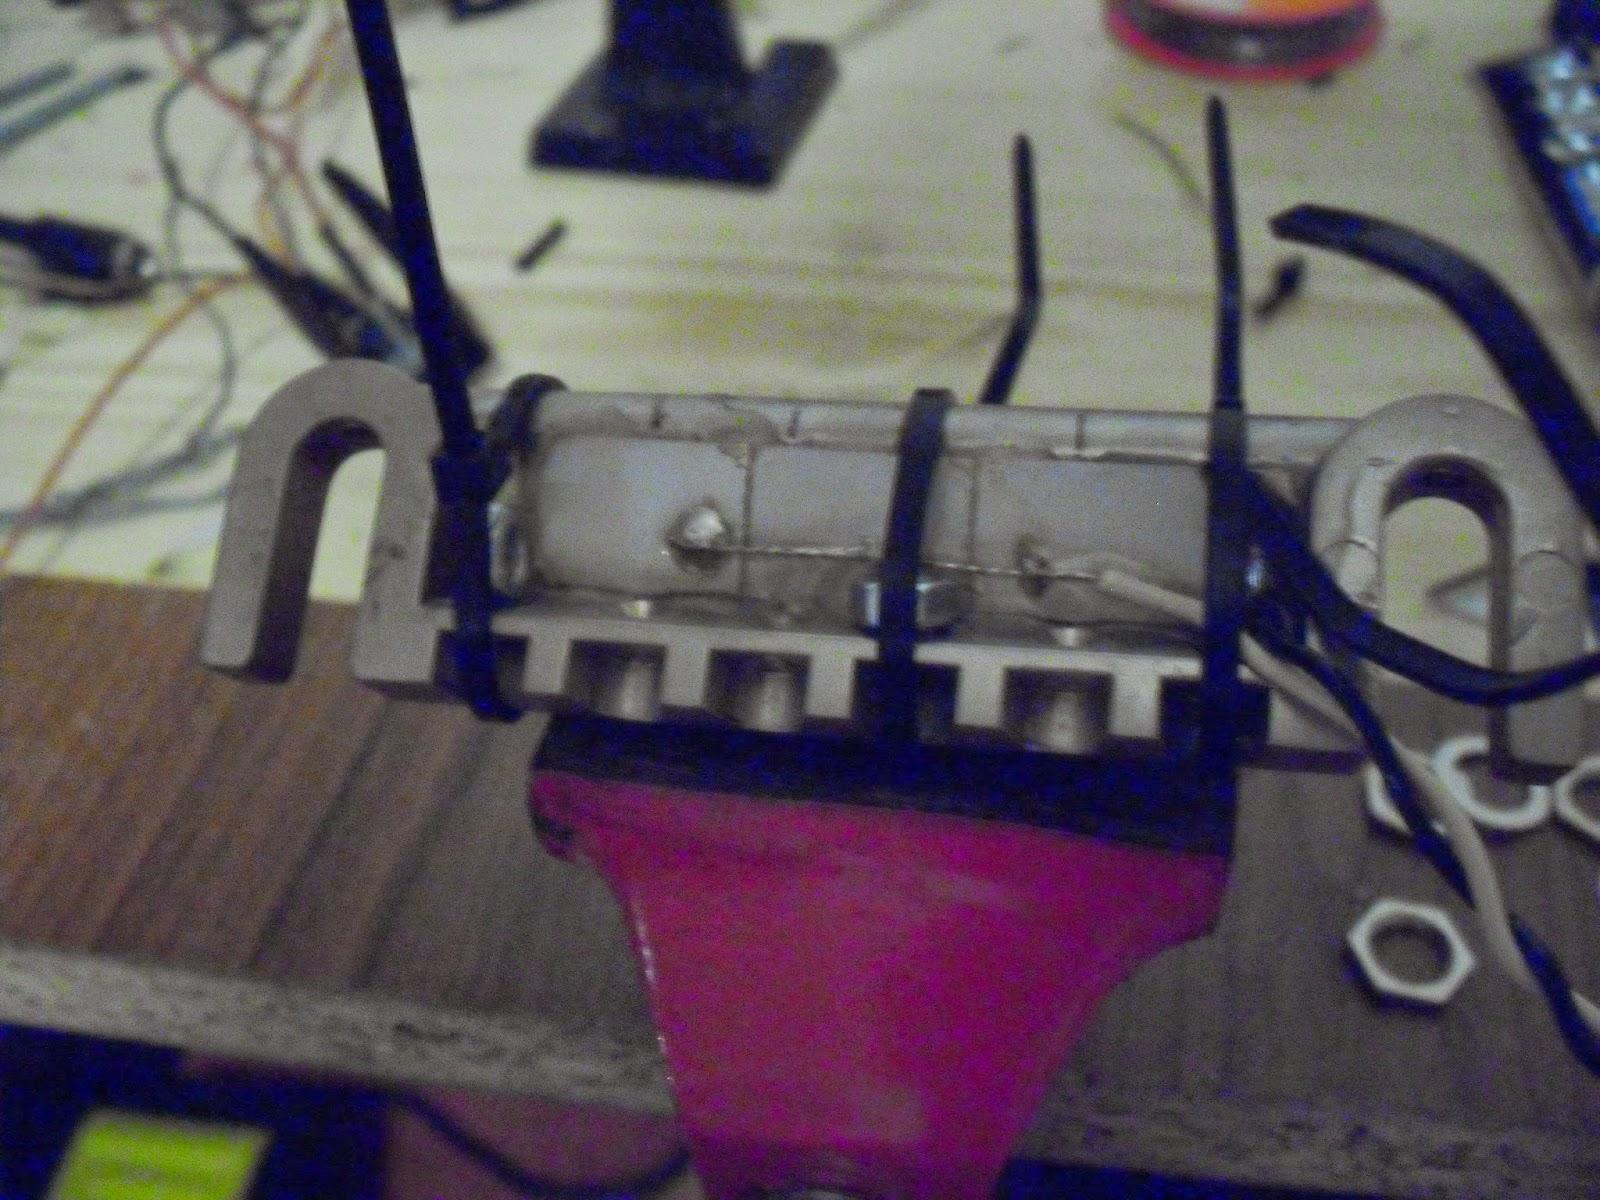 Electronics Piezo Pickups Piezo Pickups Electronics Just Cool Stuff